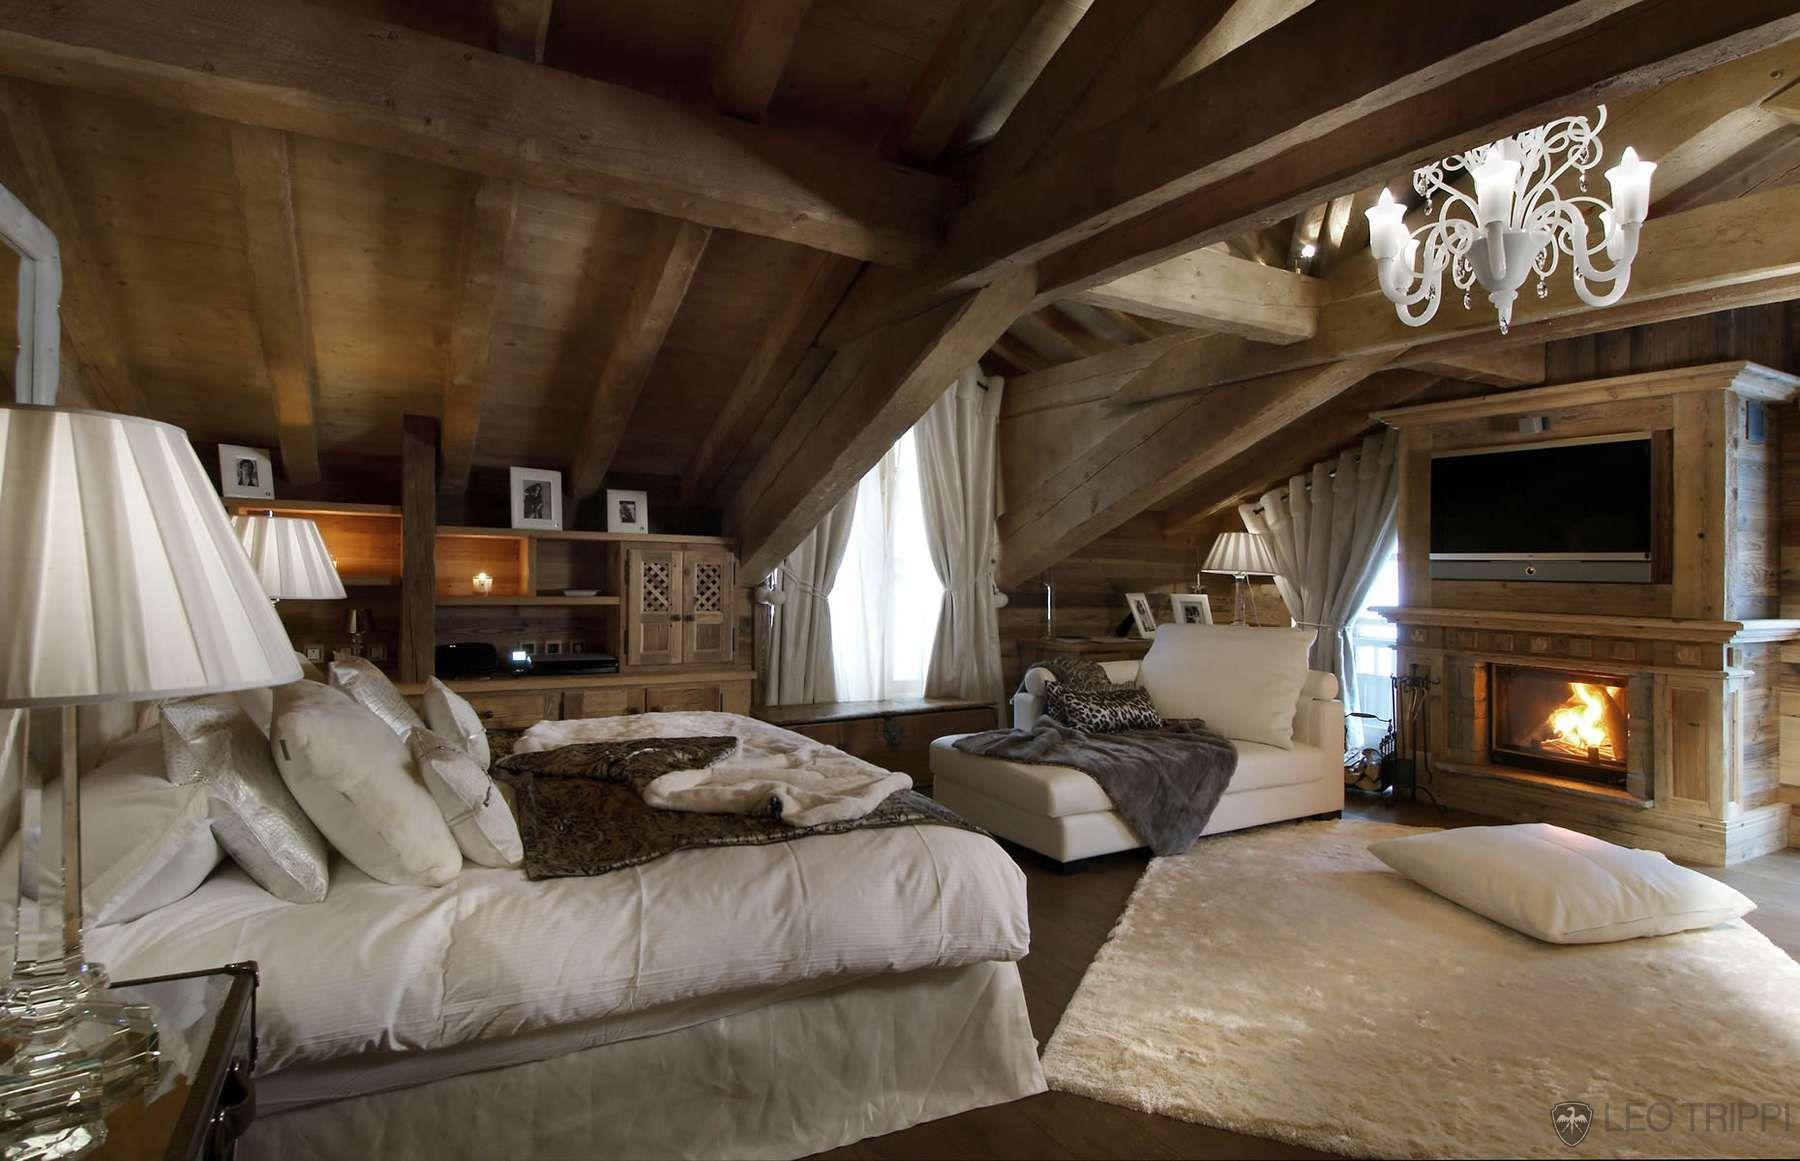 Location de Chalet de luxe à Courchevel 1850 - Chalet Big Rock 1850 ...